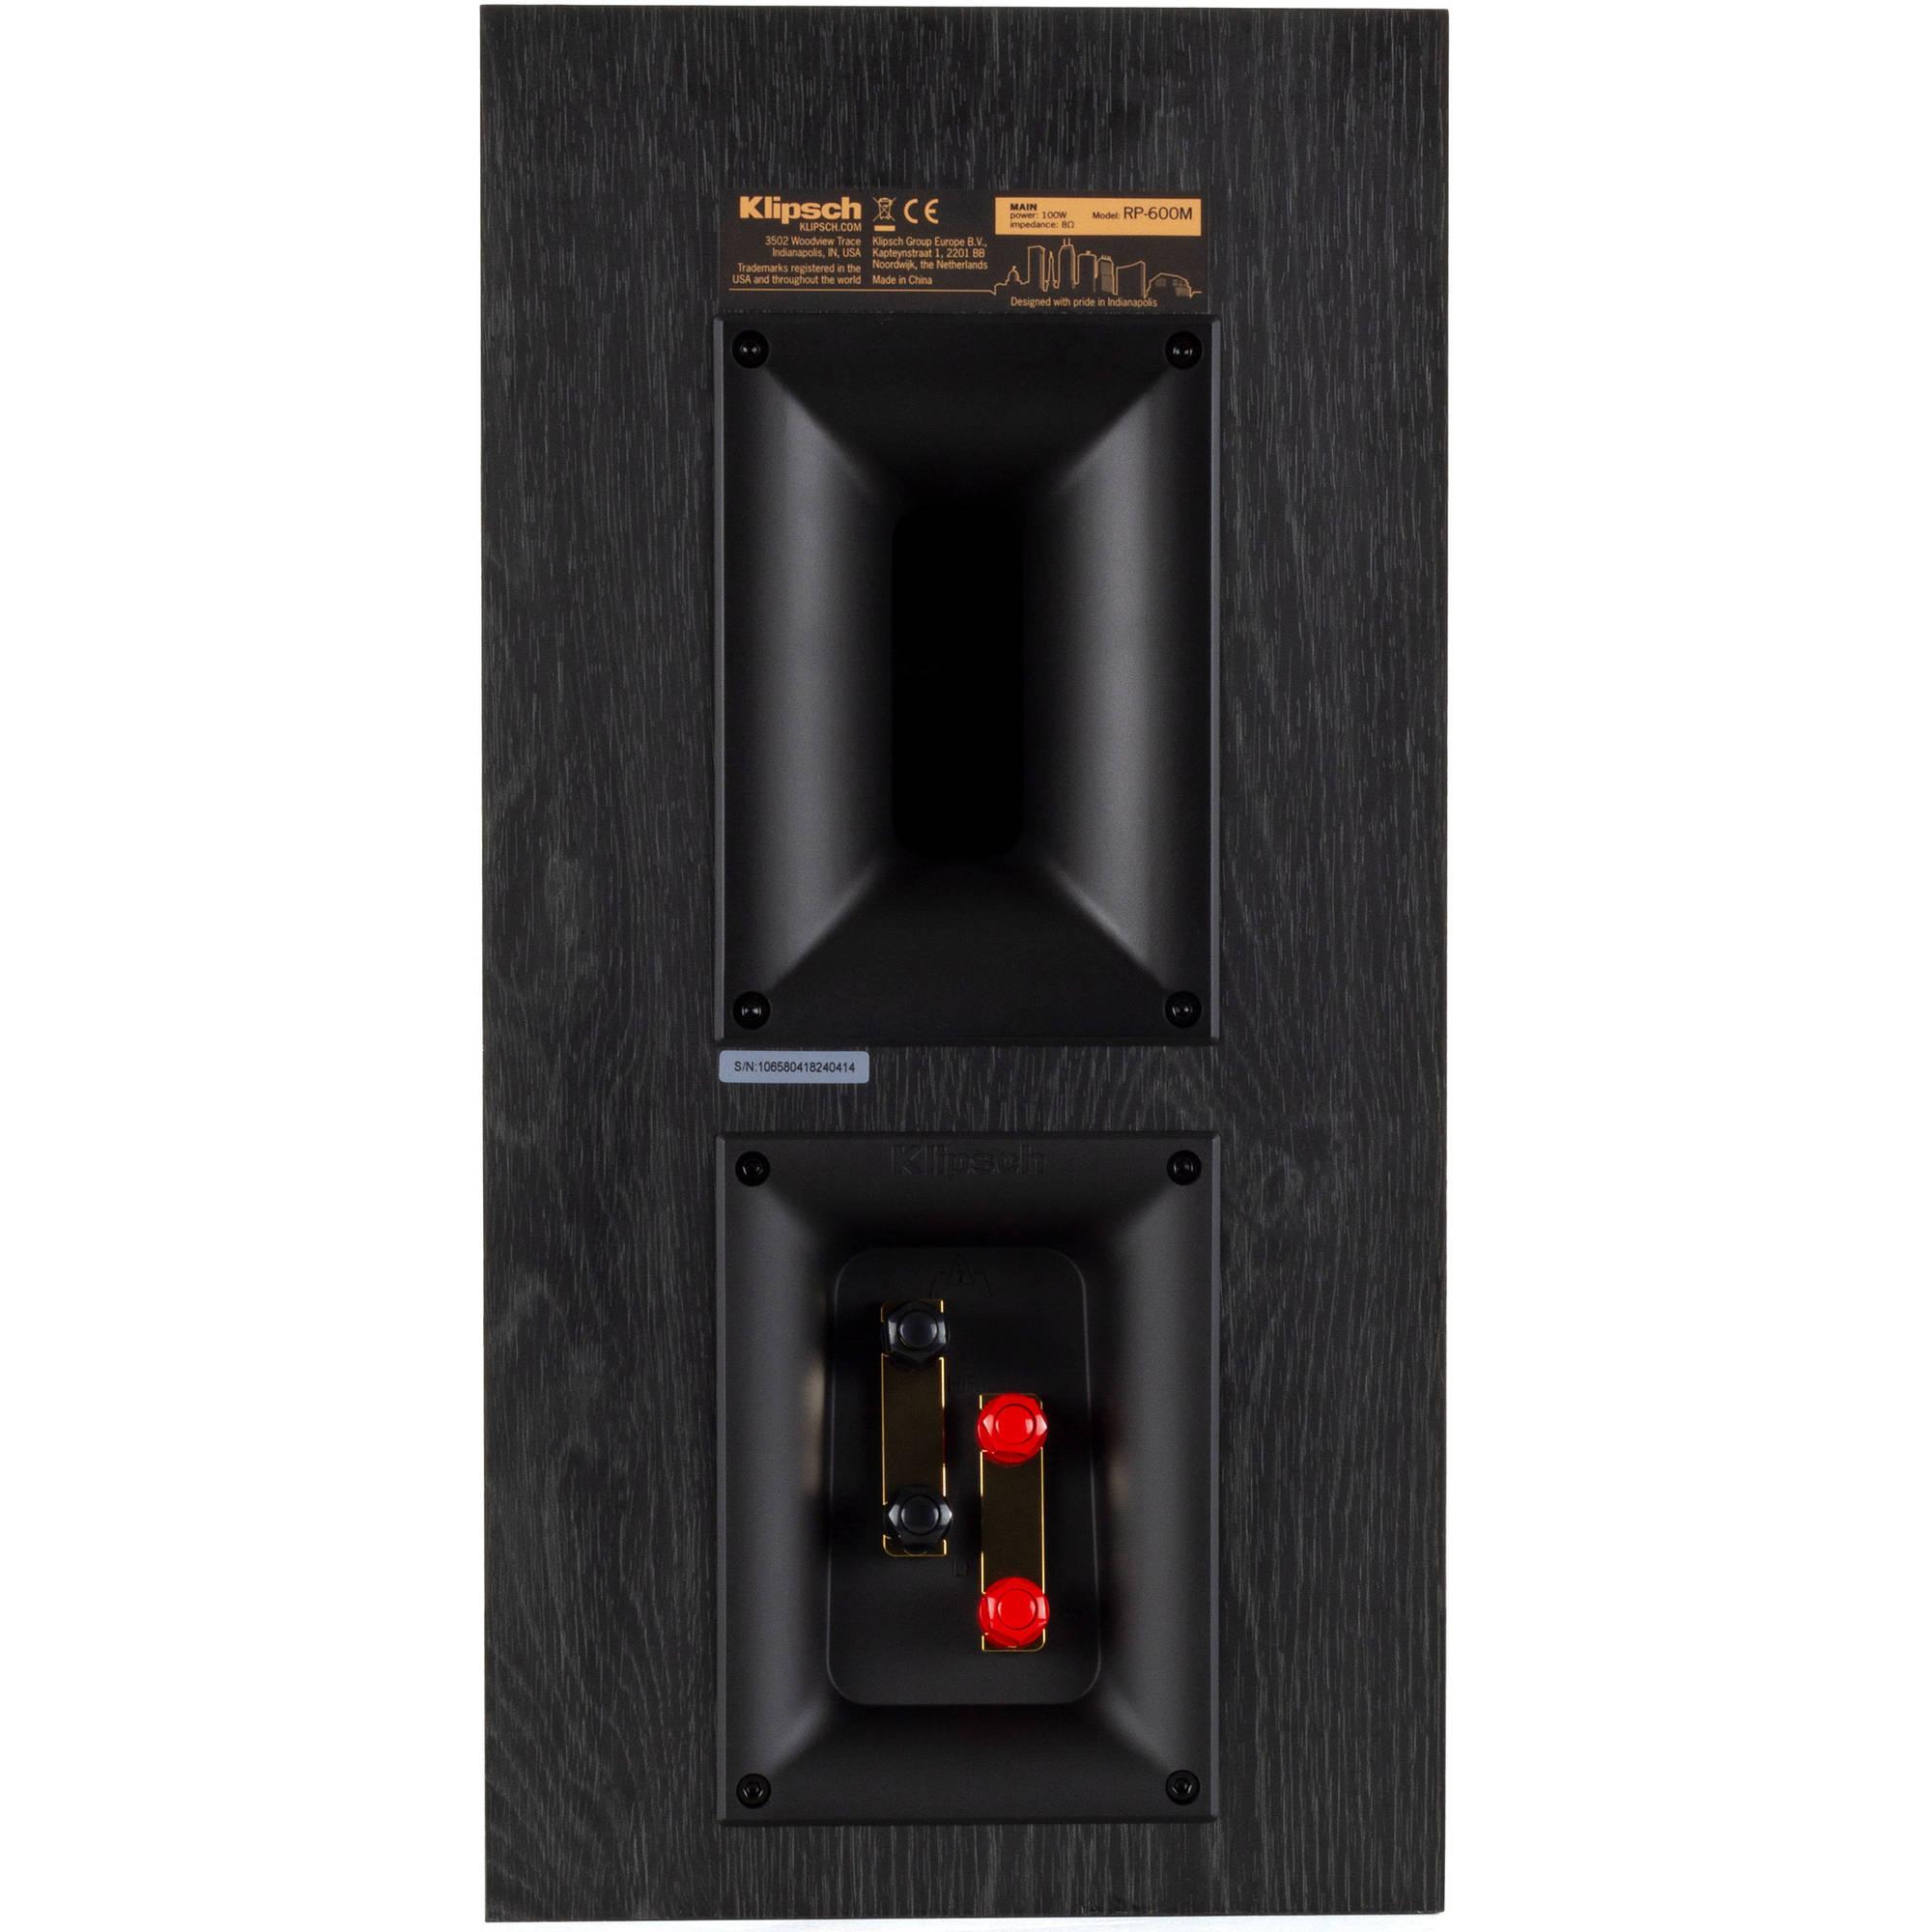 Klipsch Reference Premiere RP-600M 2-Way Bookshelf Speaker (Pair, Walnut)